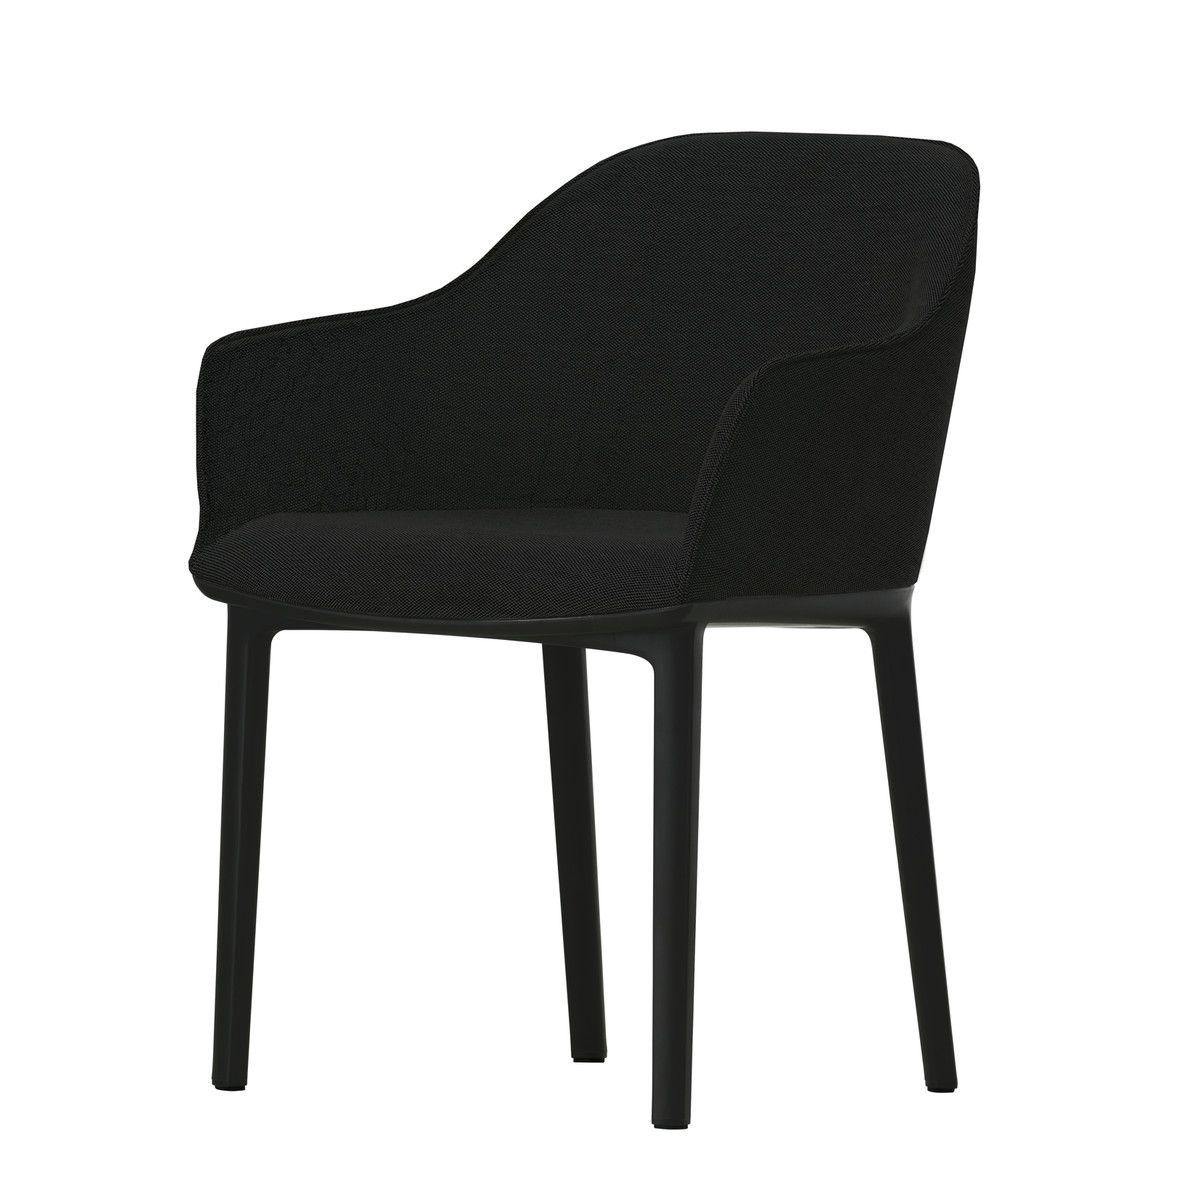 Vitra Softshell Chair Vierbeinfuss Moss Graphitschwarz Schwarz Filzgleiter Schwarz T 56 H 83 B 60 Stuhle Online Mobel Konferenzstuhle